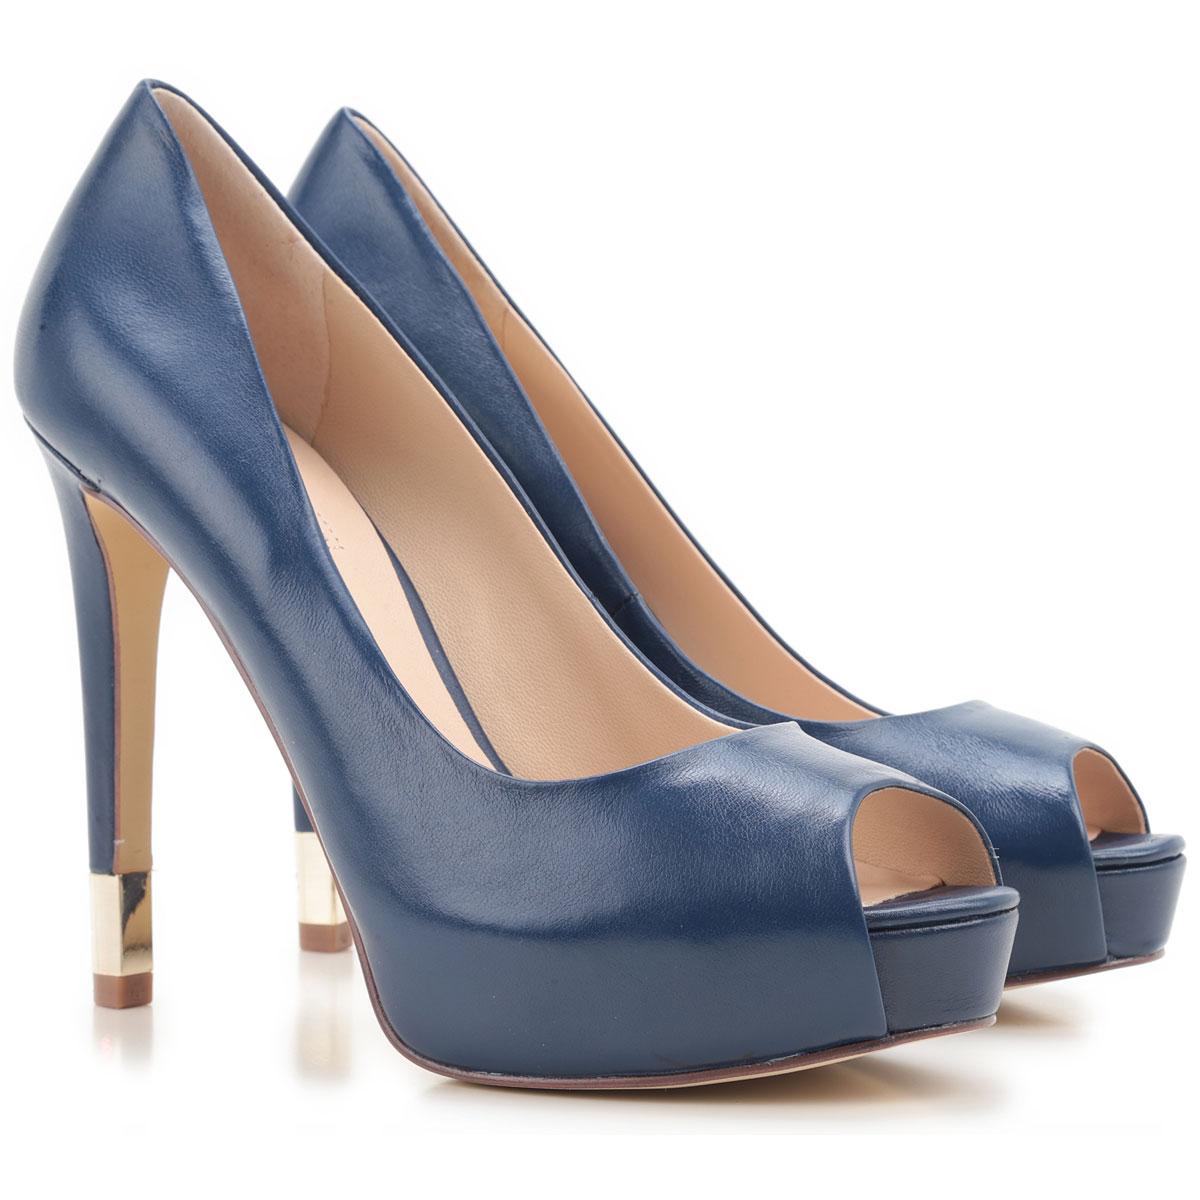 INÍCIO > Sapatos para Mulher > Meia Pata > Sapatos para Mulher Guess